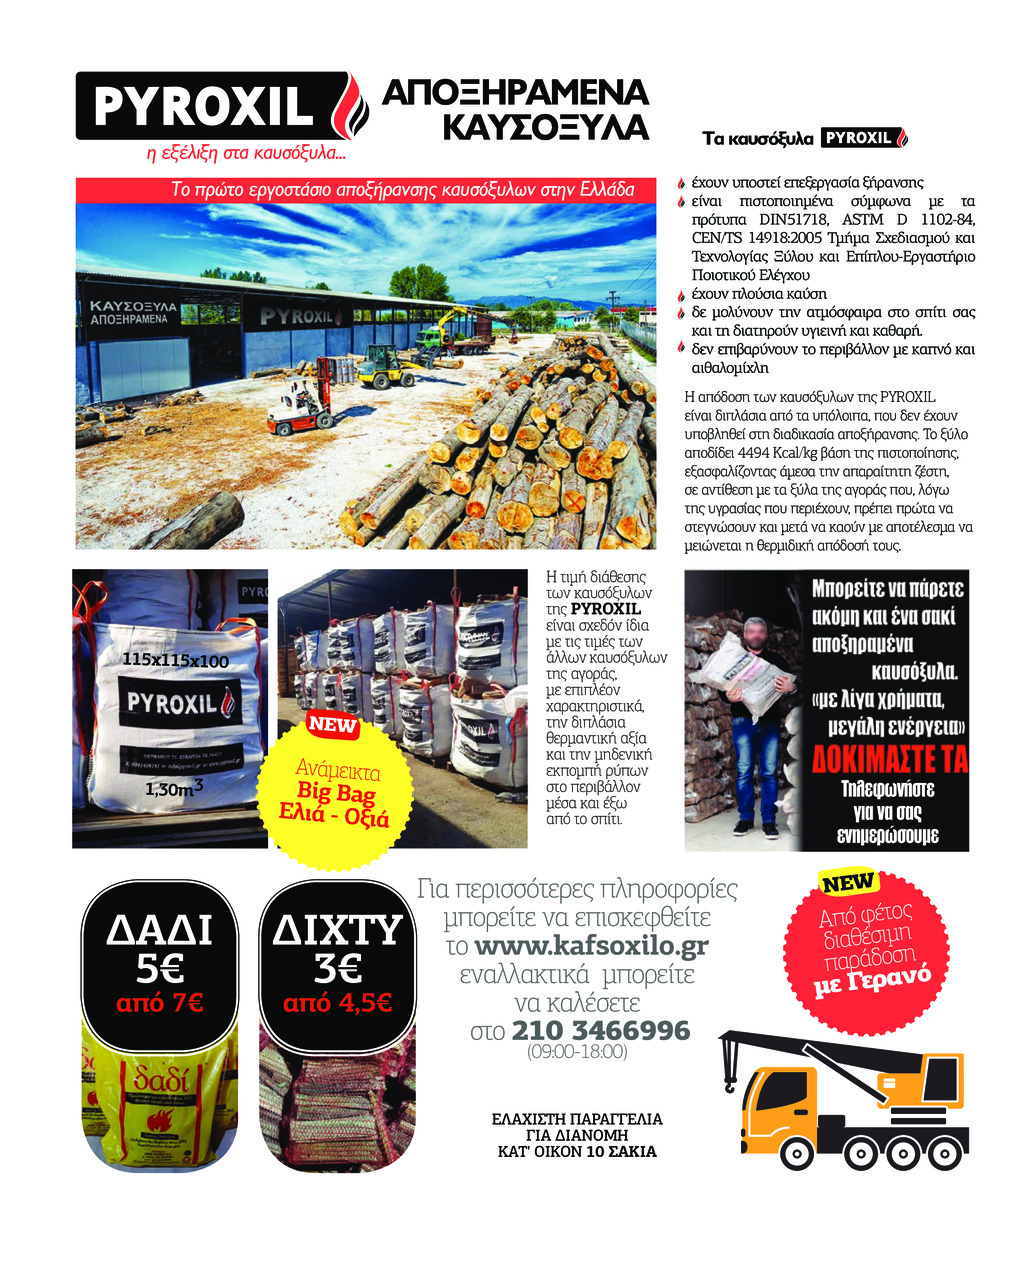 Οπισθόφυλλο εφημερίδας FreeSunday